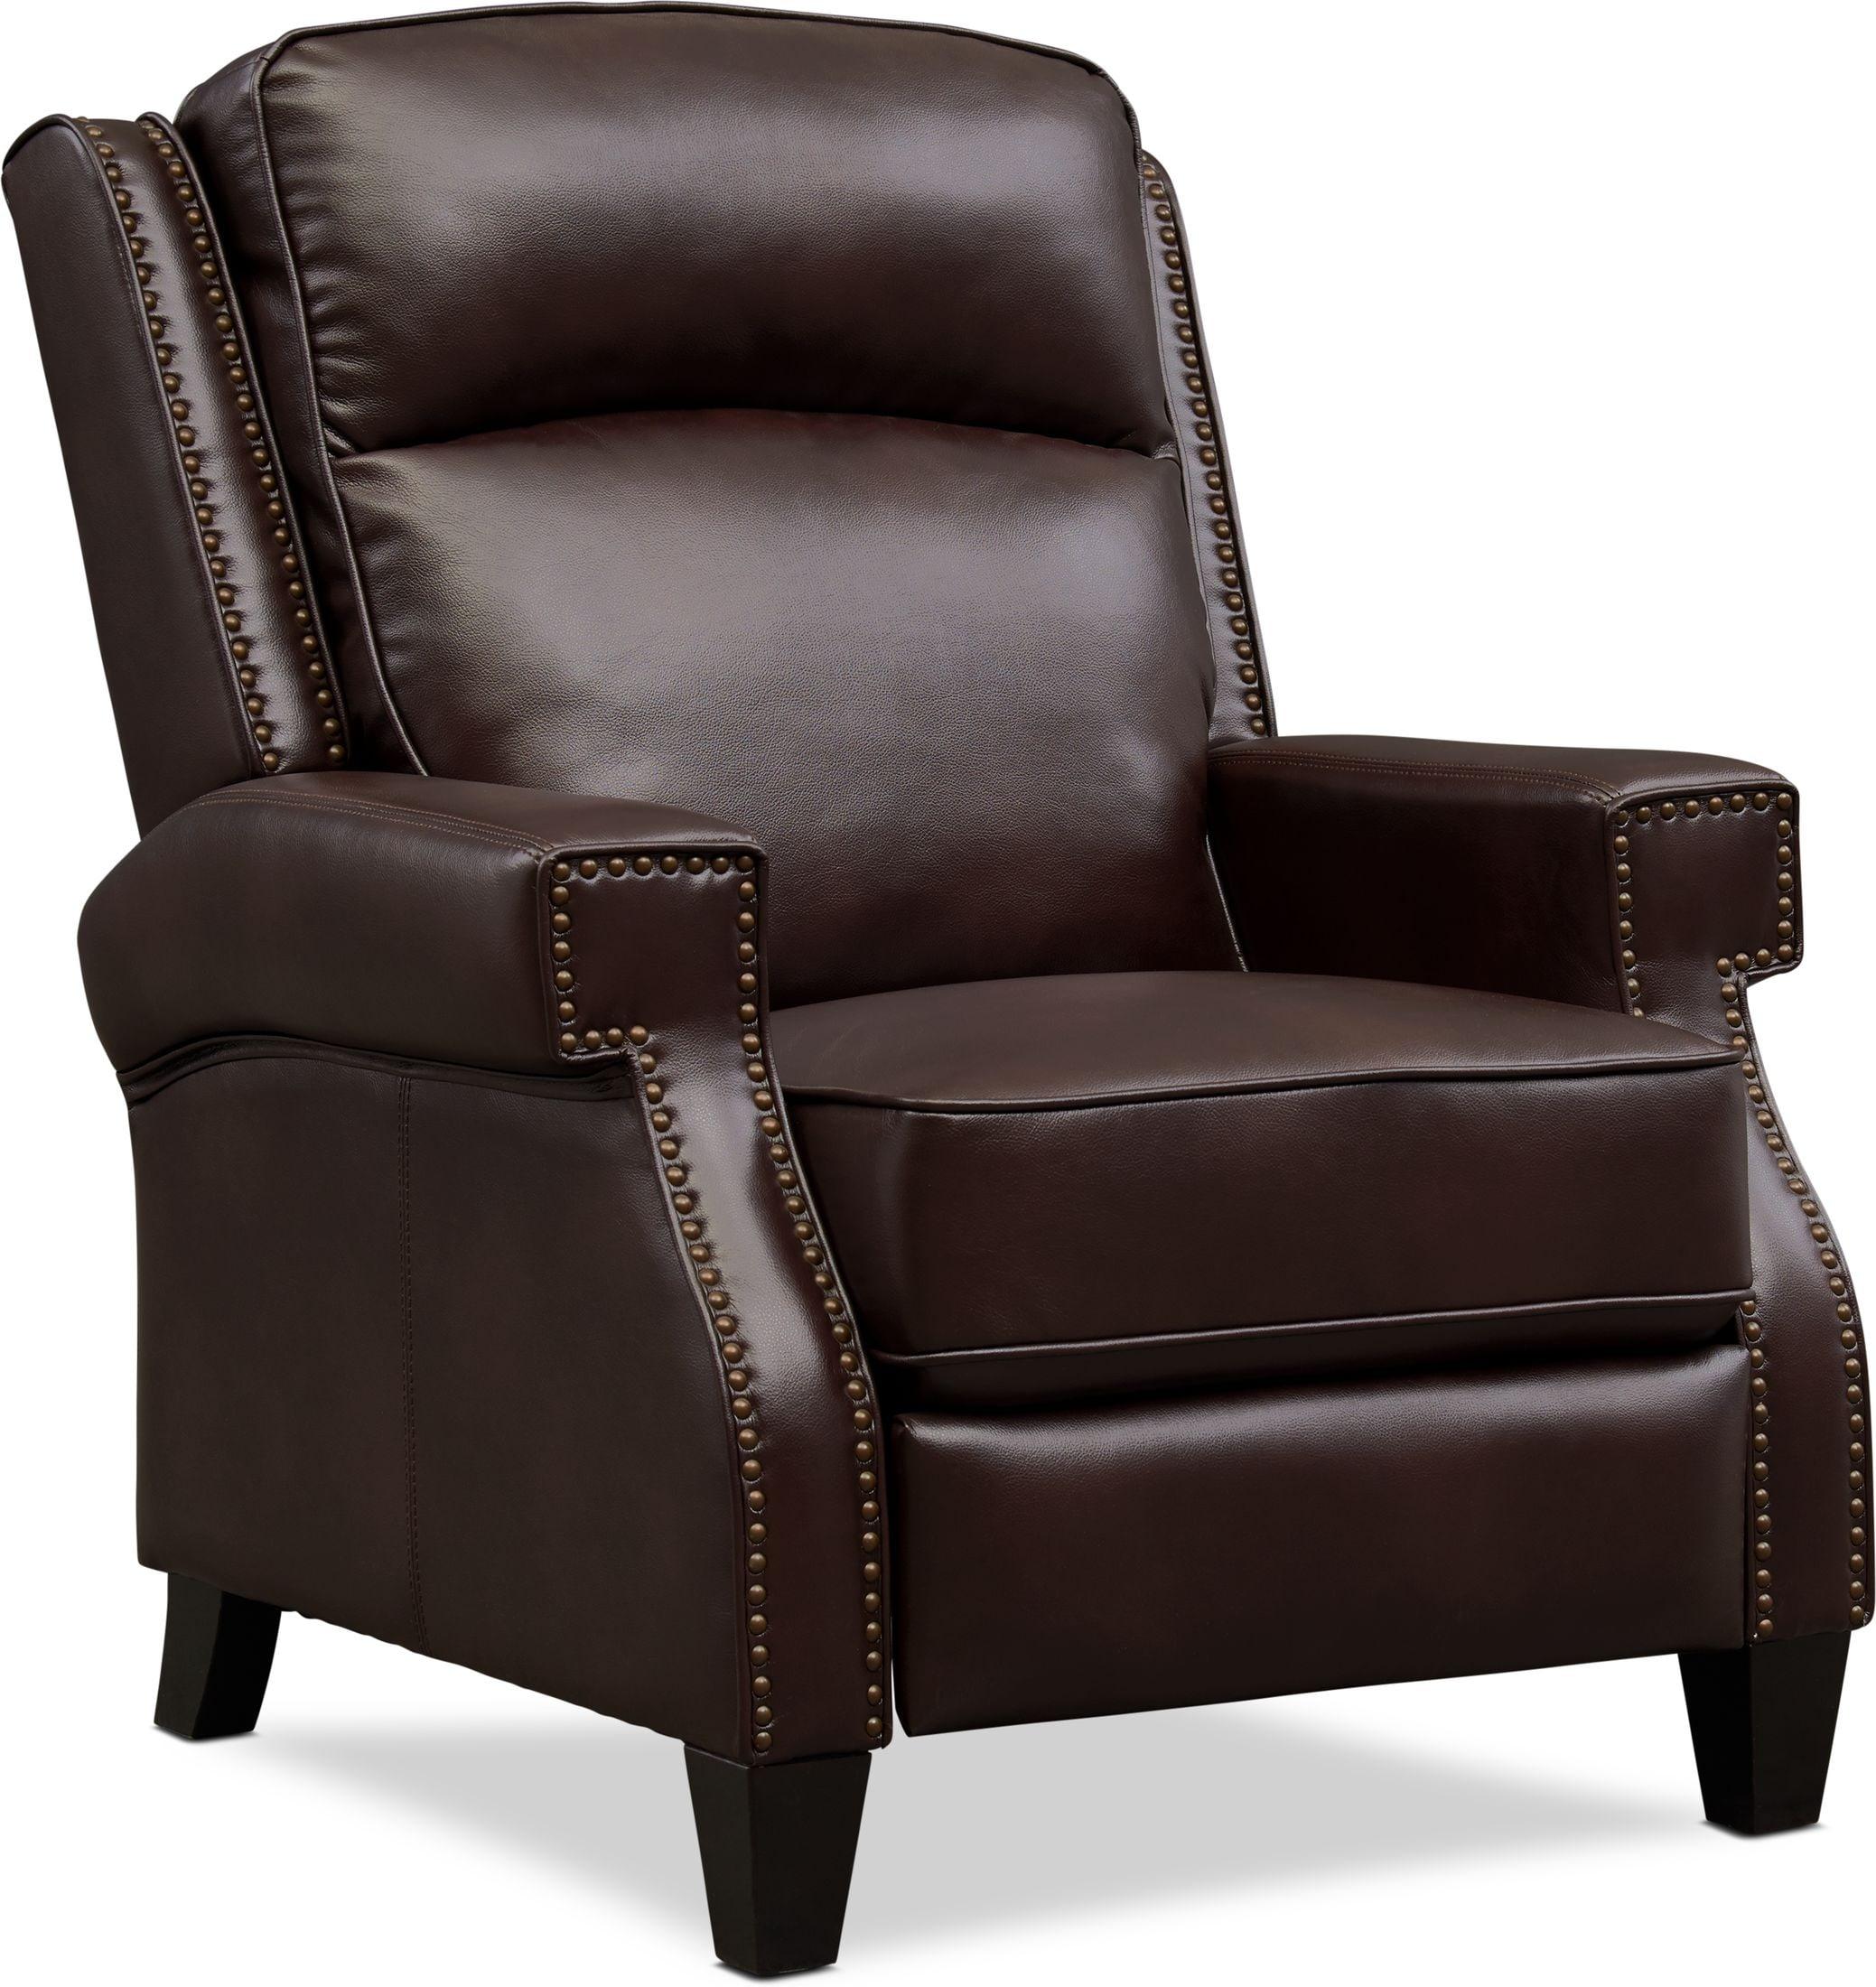 Living Room Furniture - James Pushback Recliner